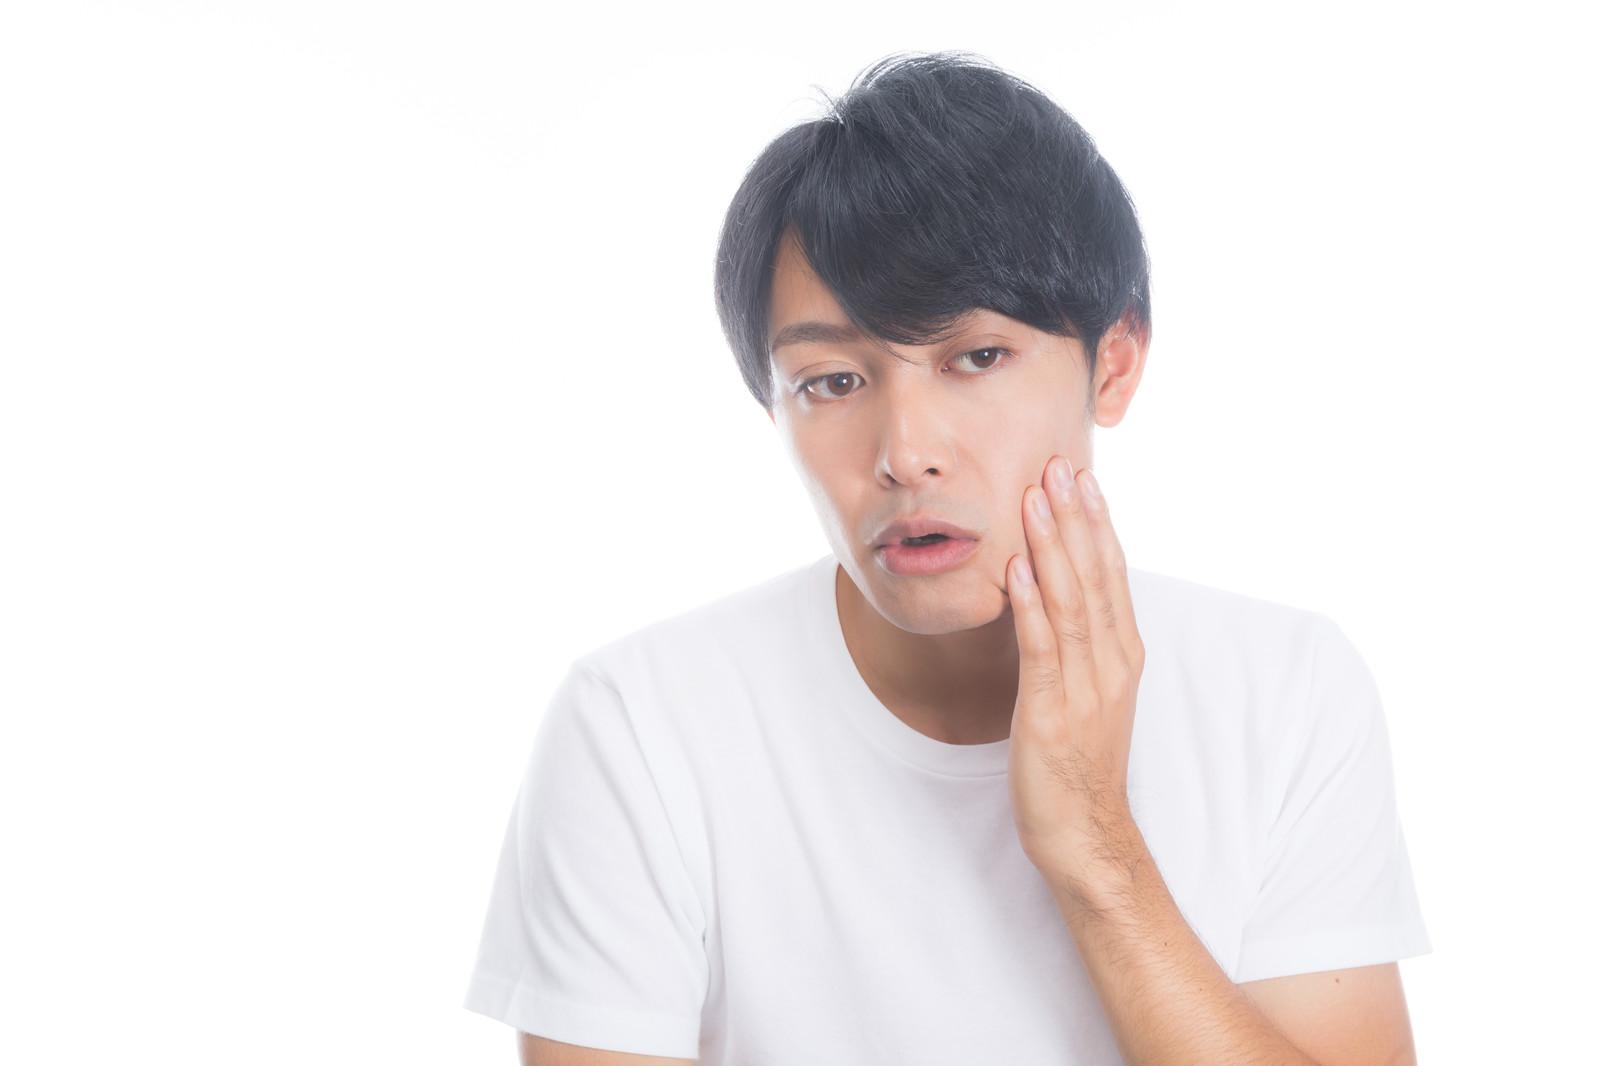 【男の肌荒れ対策】原因はマスクかも?おすすめスキンケアから肌に優しいマスクまで徹底解説!(大人ニキビ、赤み、テカリ)